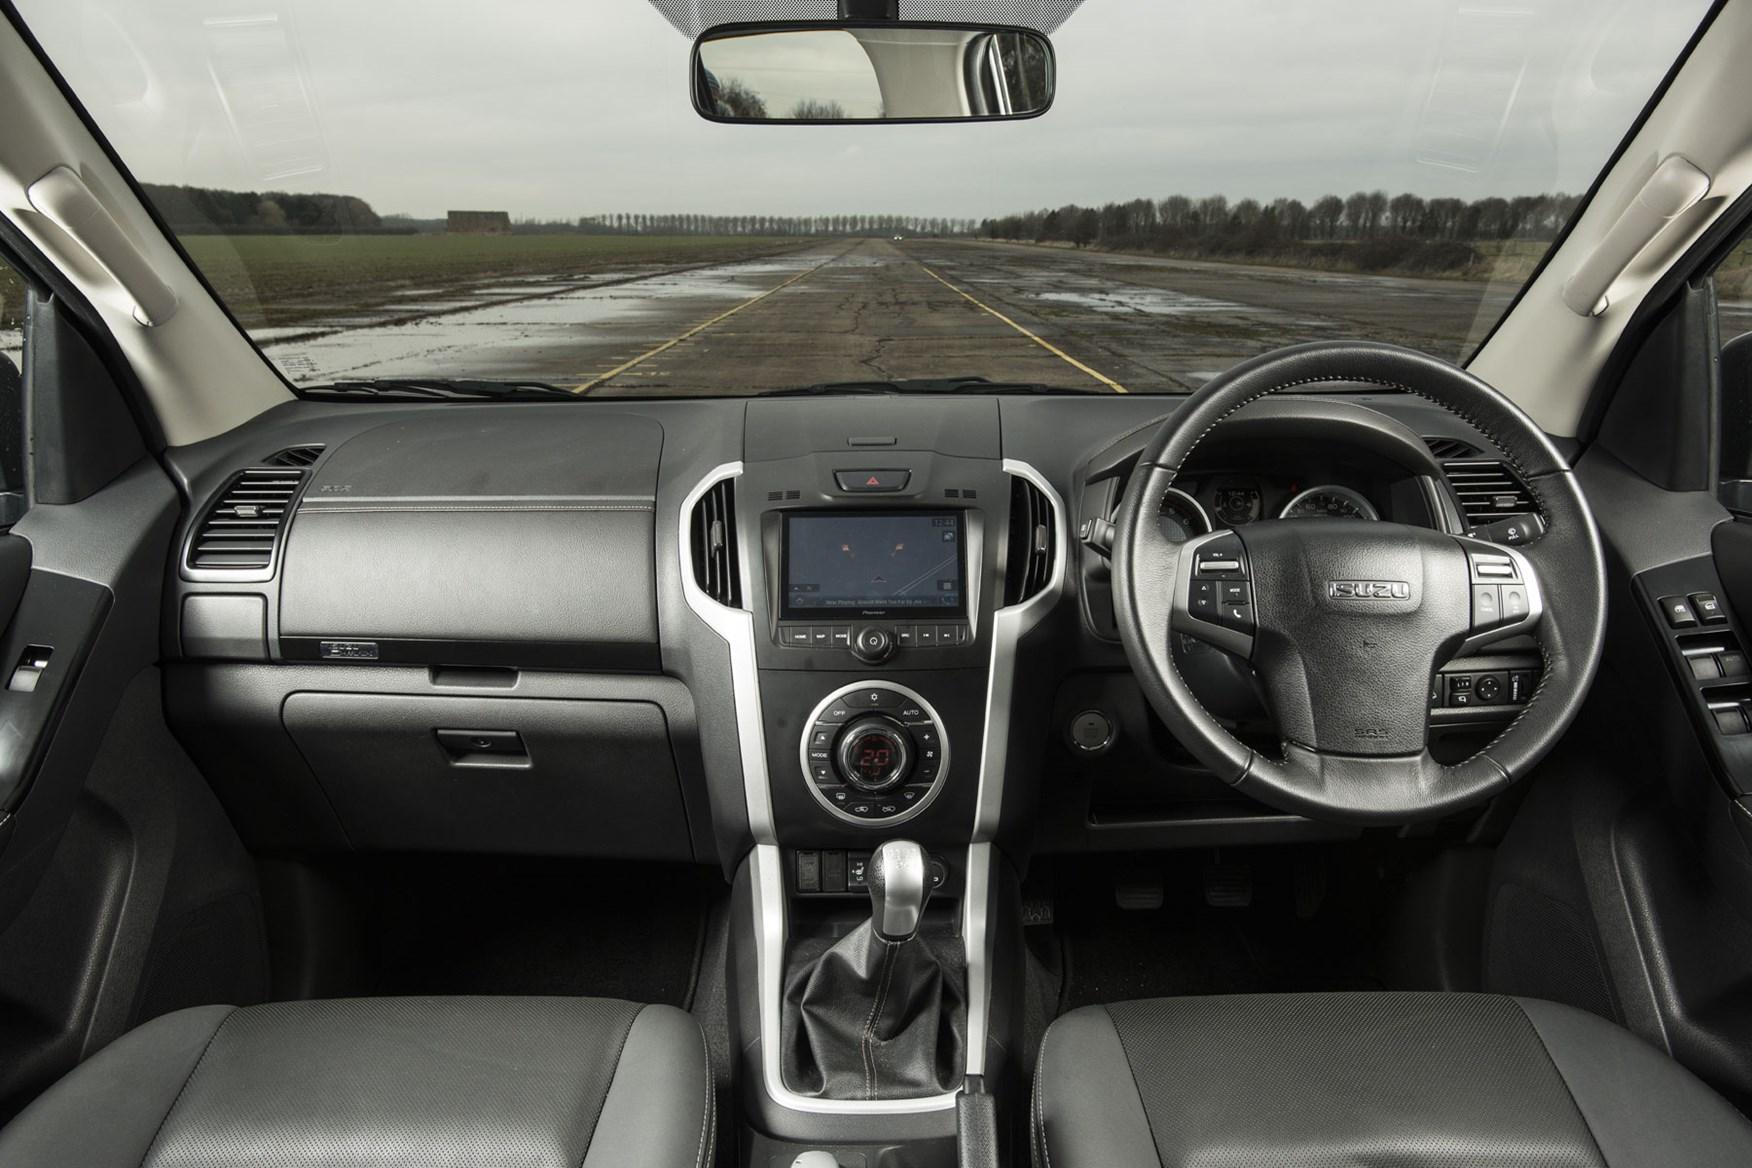 Isuzu D-Max V-Cross review - cab interior